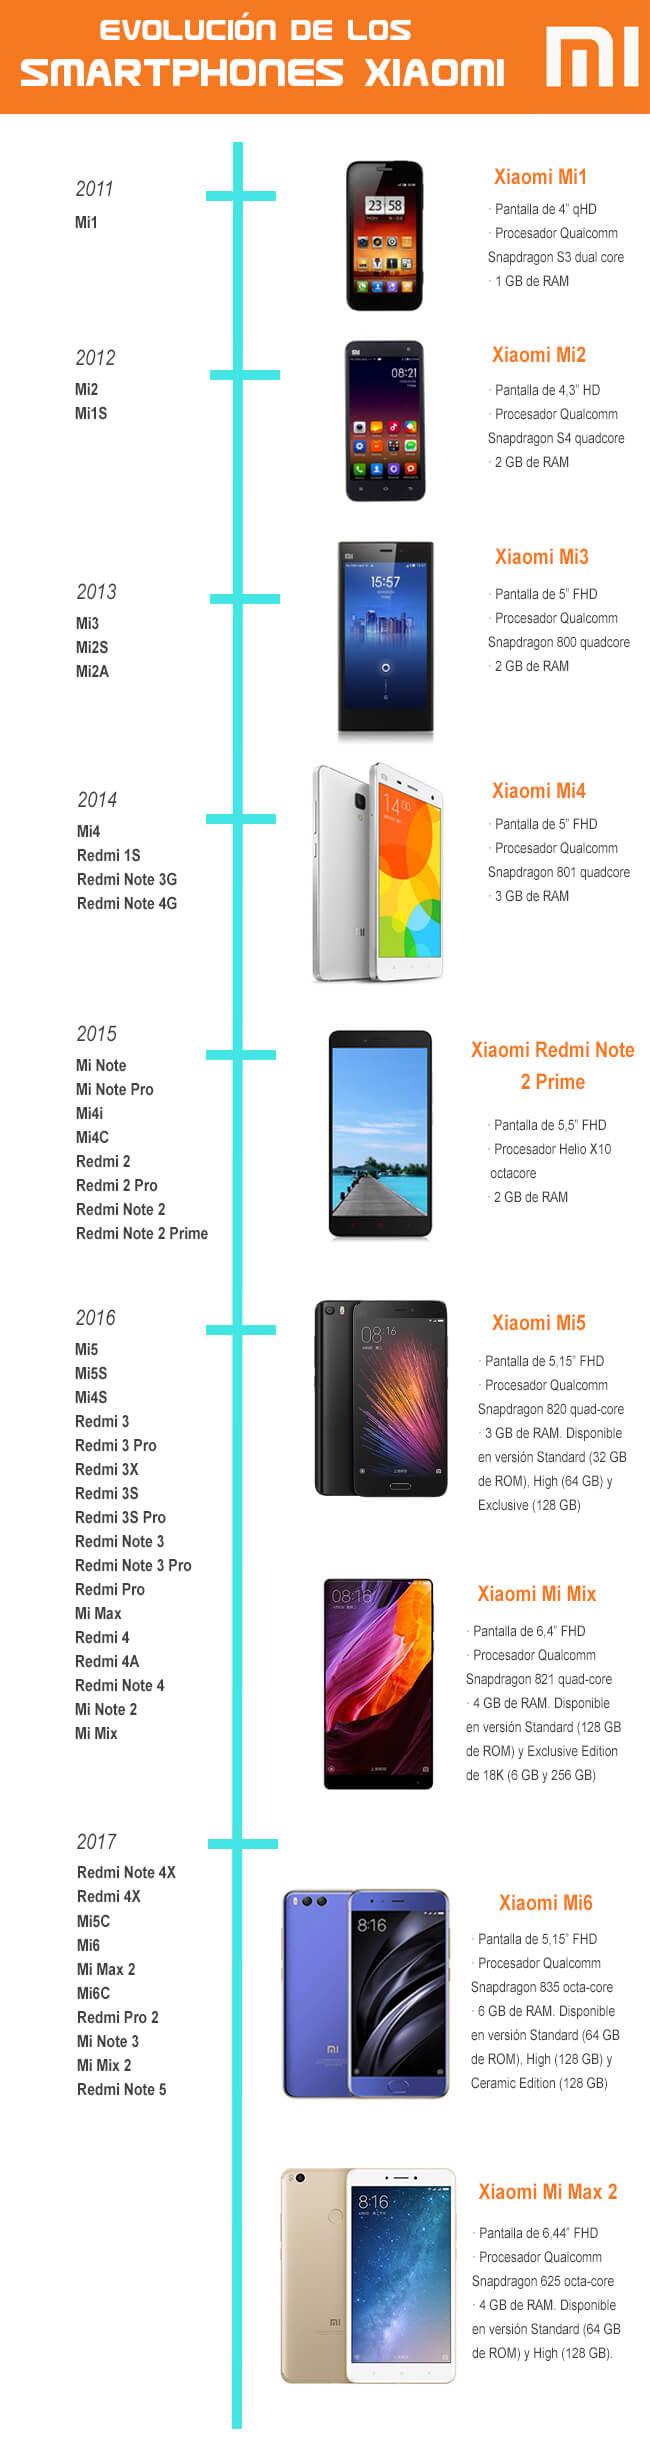 Historia de los mejores móviles del catálogo de Xiaomi